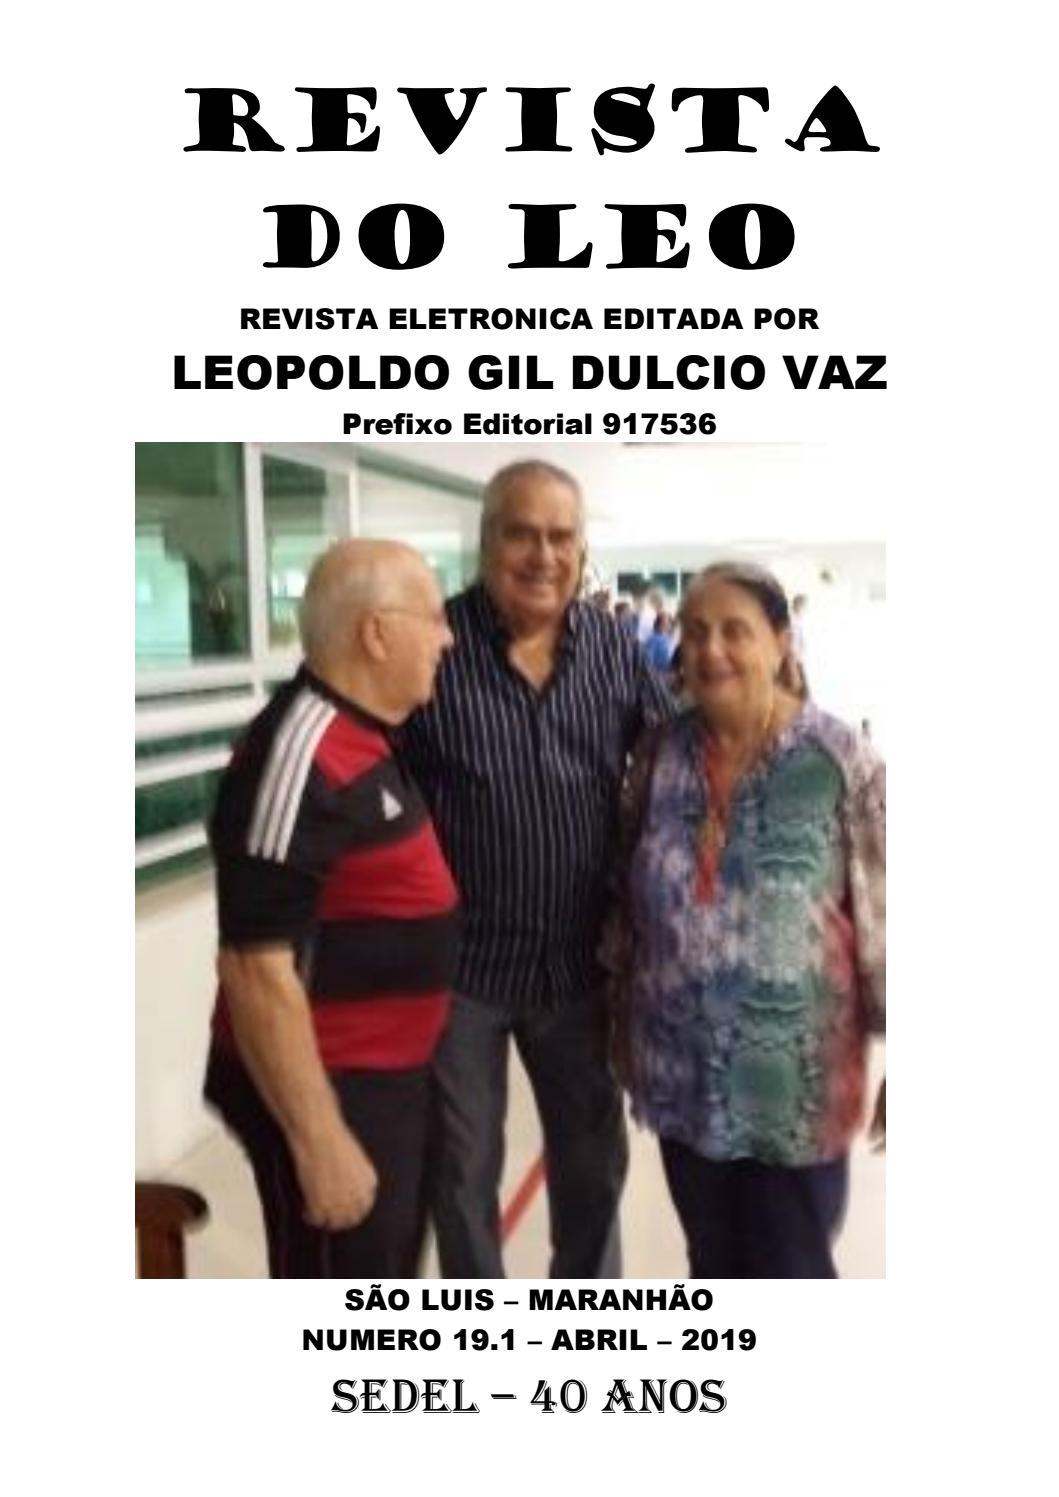 fc65d8693b REVISTA DO LÉO 19 - ABRIL 2019 - SEDEL-MA 40 ANOS by Leopoldo Gil Dulcio  Vaz - issuu